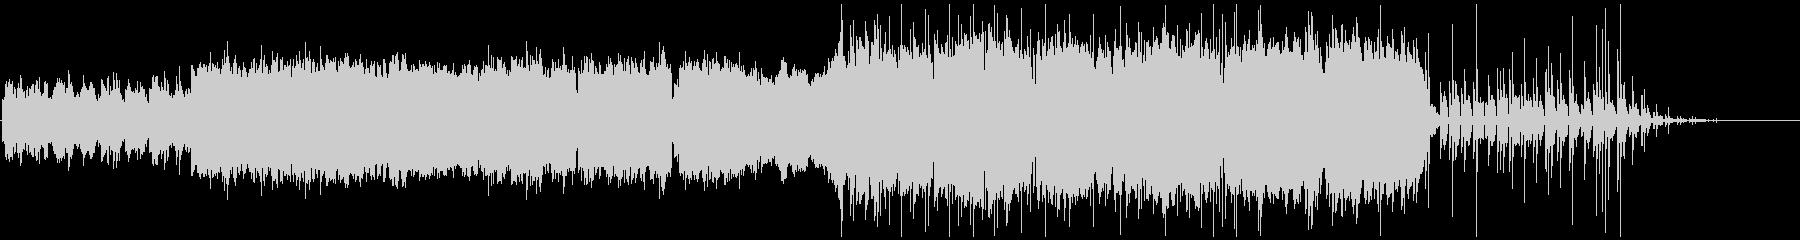 メロディアスギターインストの未再生の波形